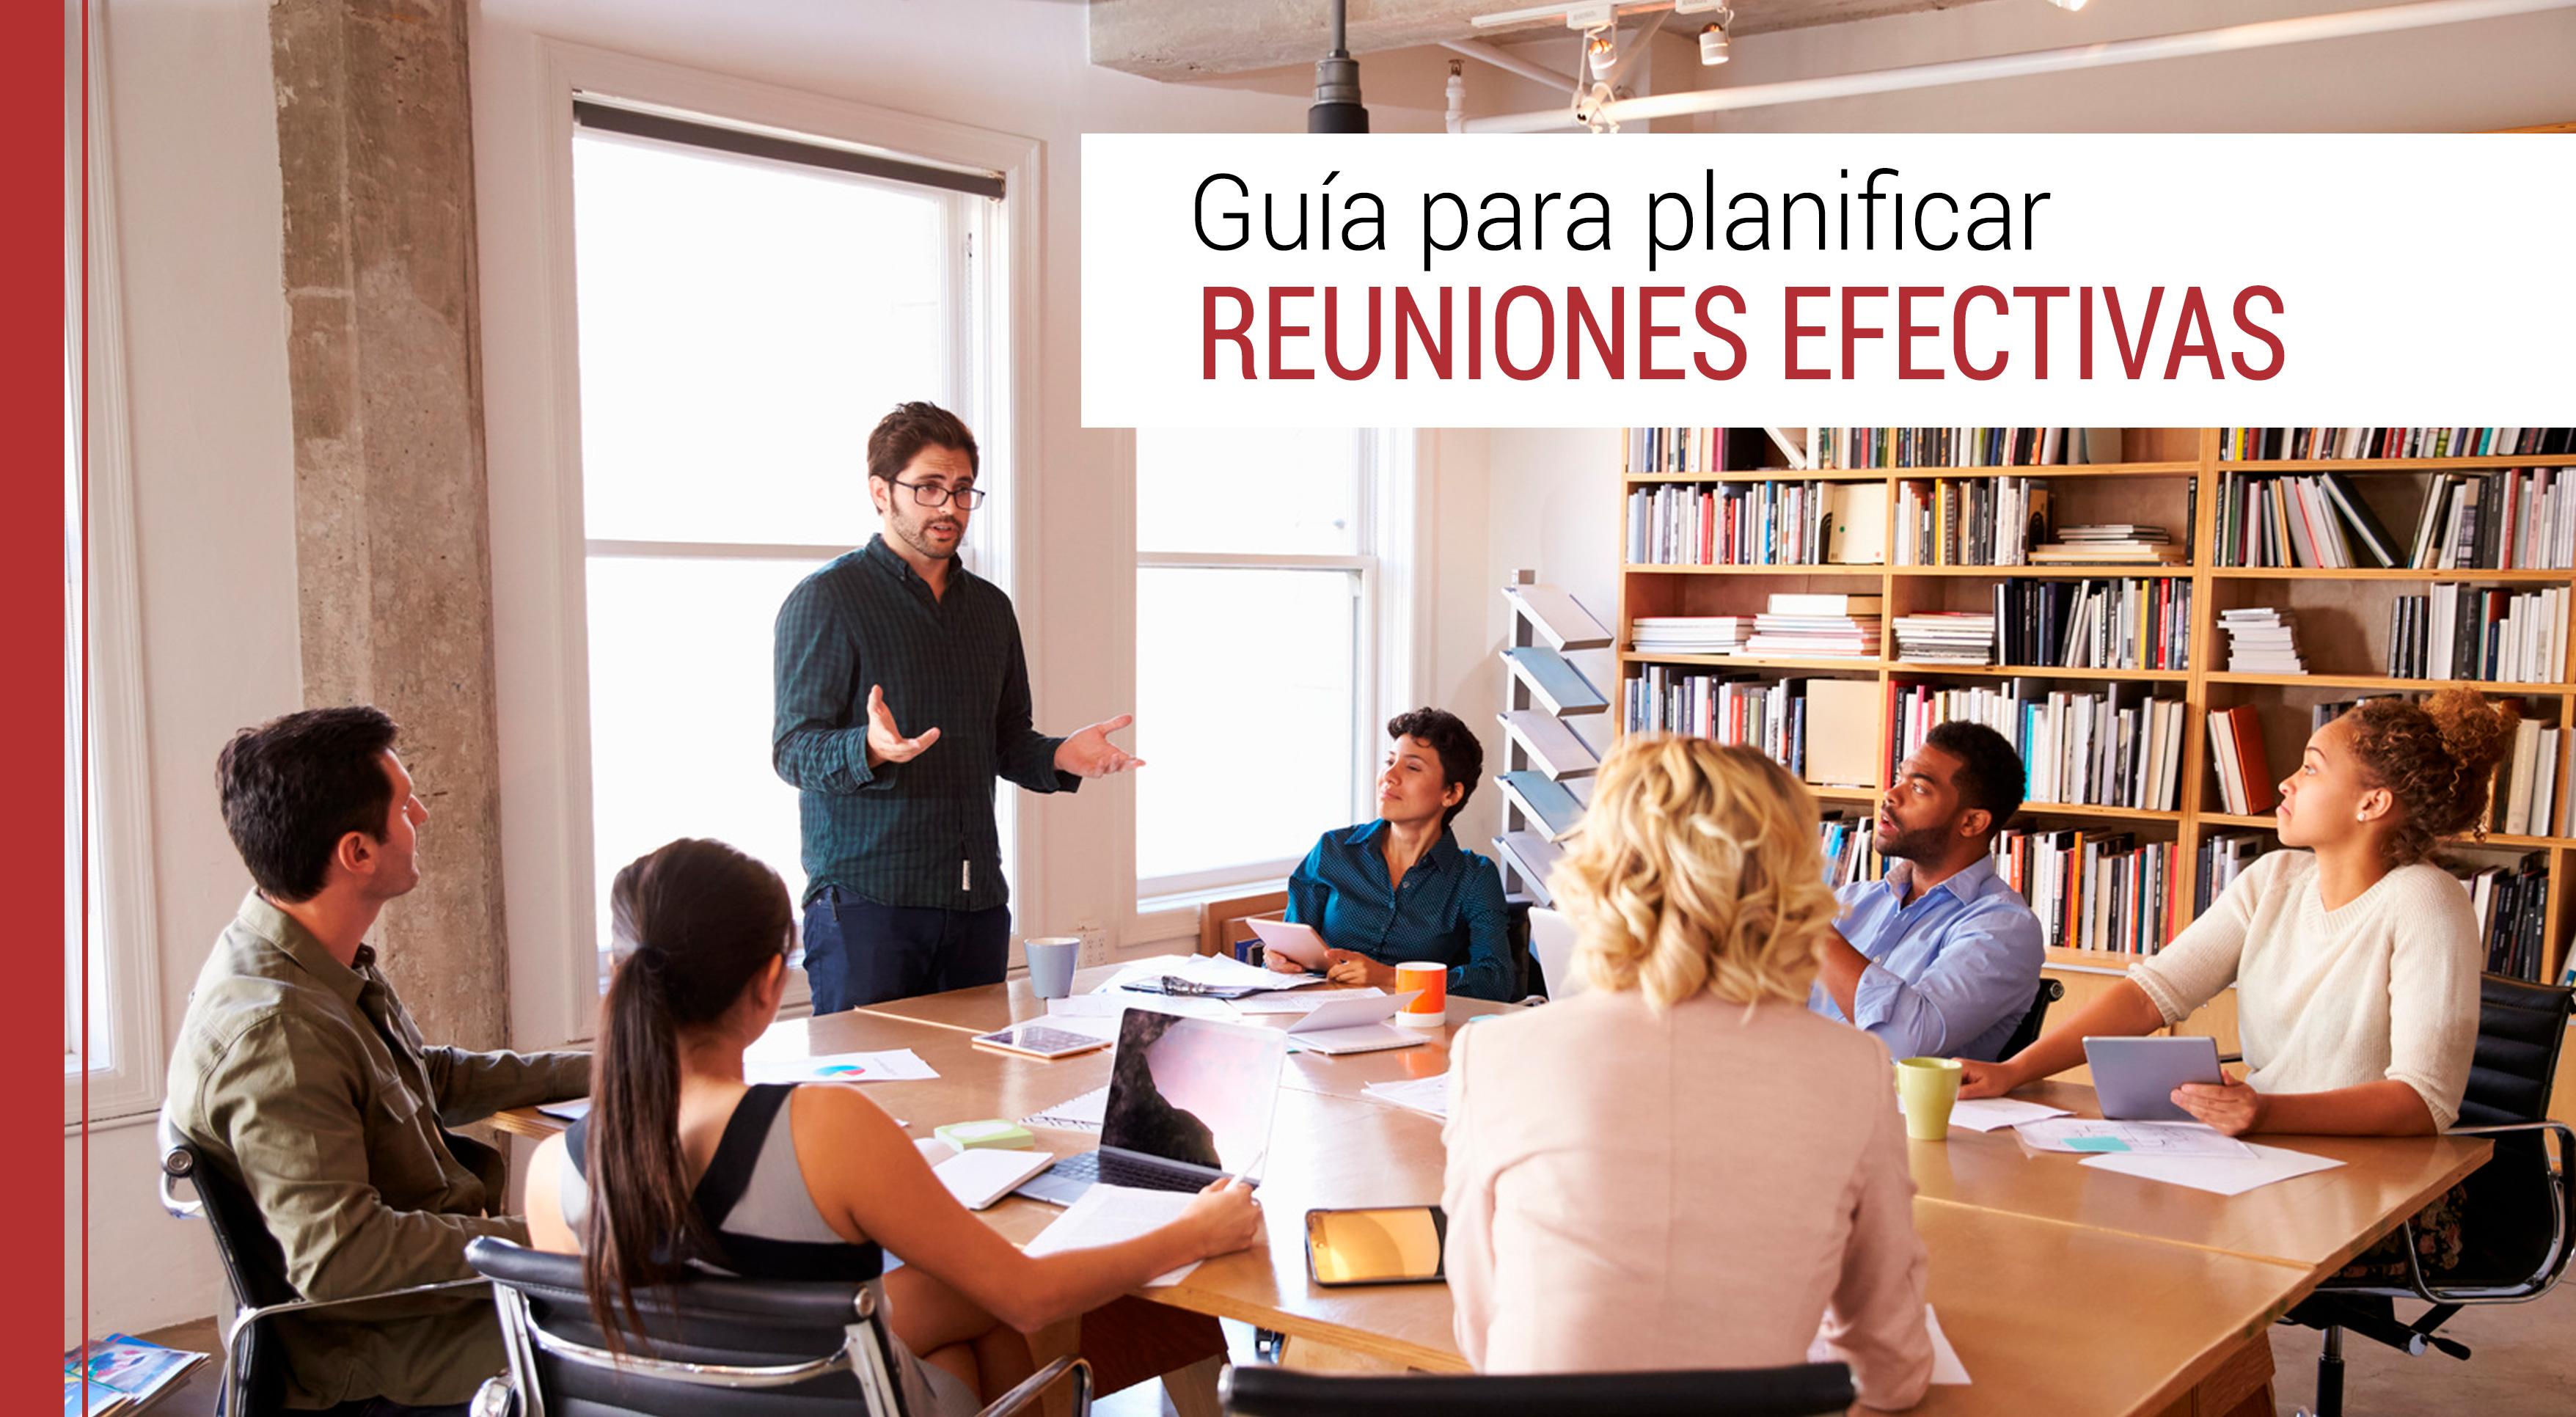 guia-reuniones-de-trabajo-efectivas Guía para planificar reuniones de trabajo efectivas